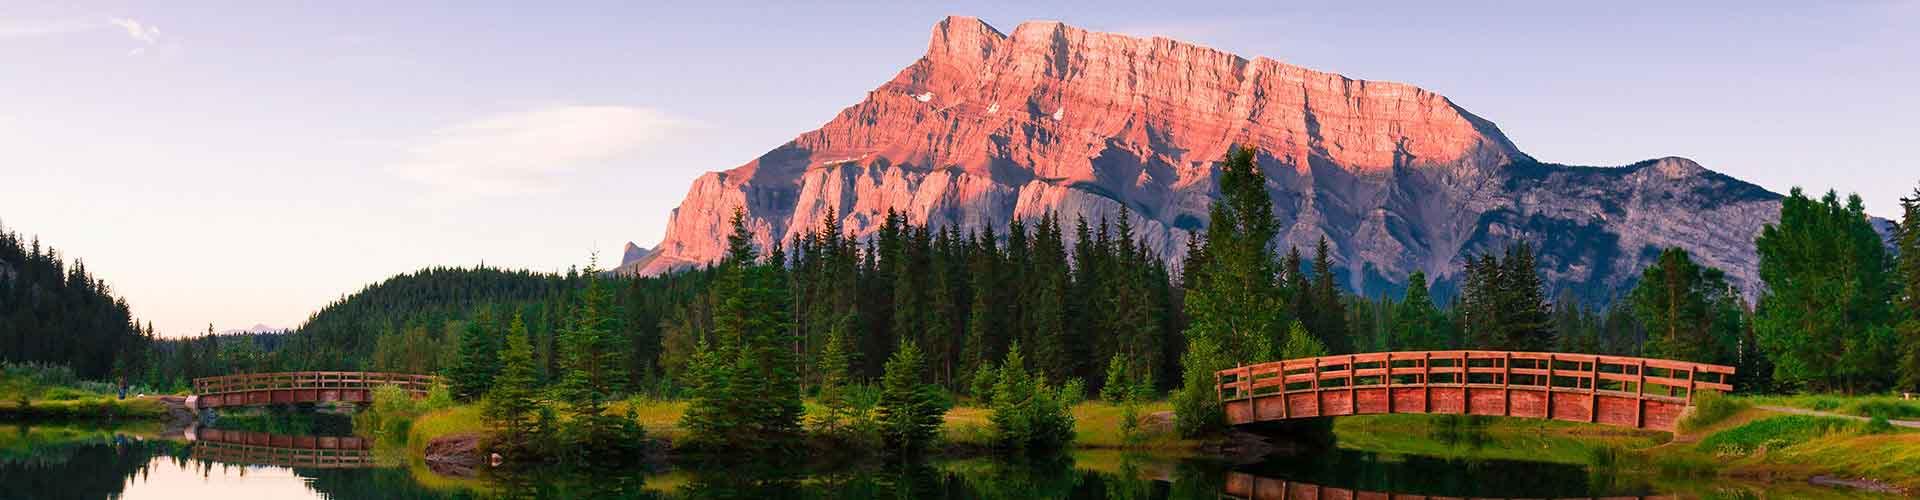 Banff - Hostales en Banff. Mapas de Banff, Fotos y comentarios de cada Hostal en Banff.